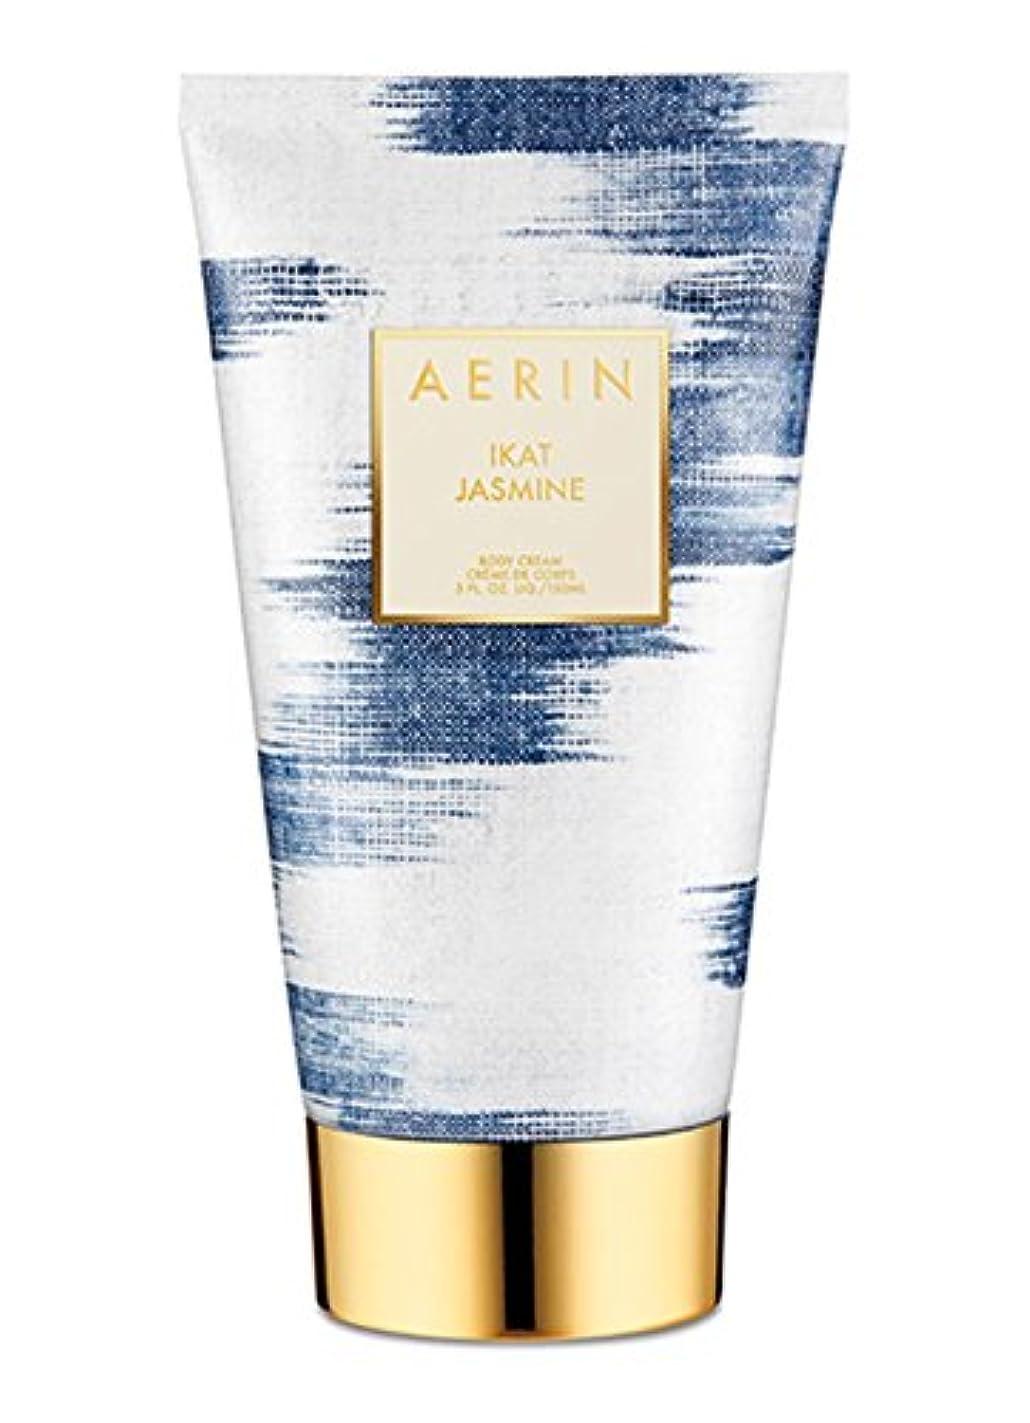 ダッシュ水銀のフィドルAERIN 'Ikat Jasmine' (アエリン イカ ジャスミン) 5.0 oz (150ml) Body Cream by Estee Lauder for Women